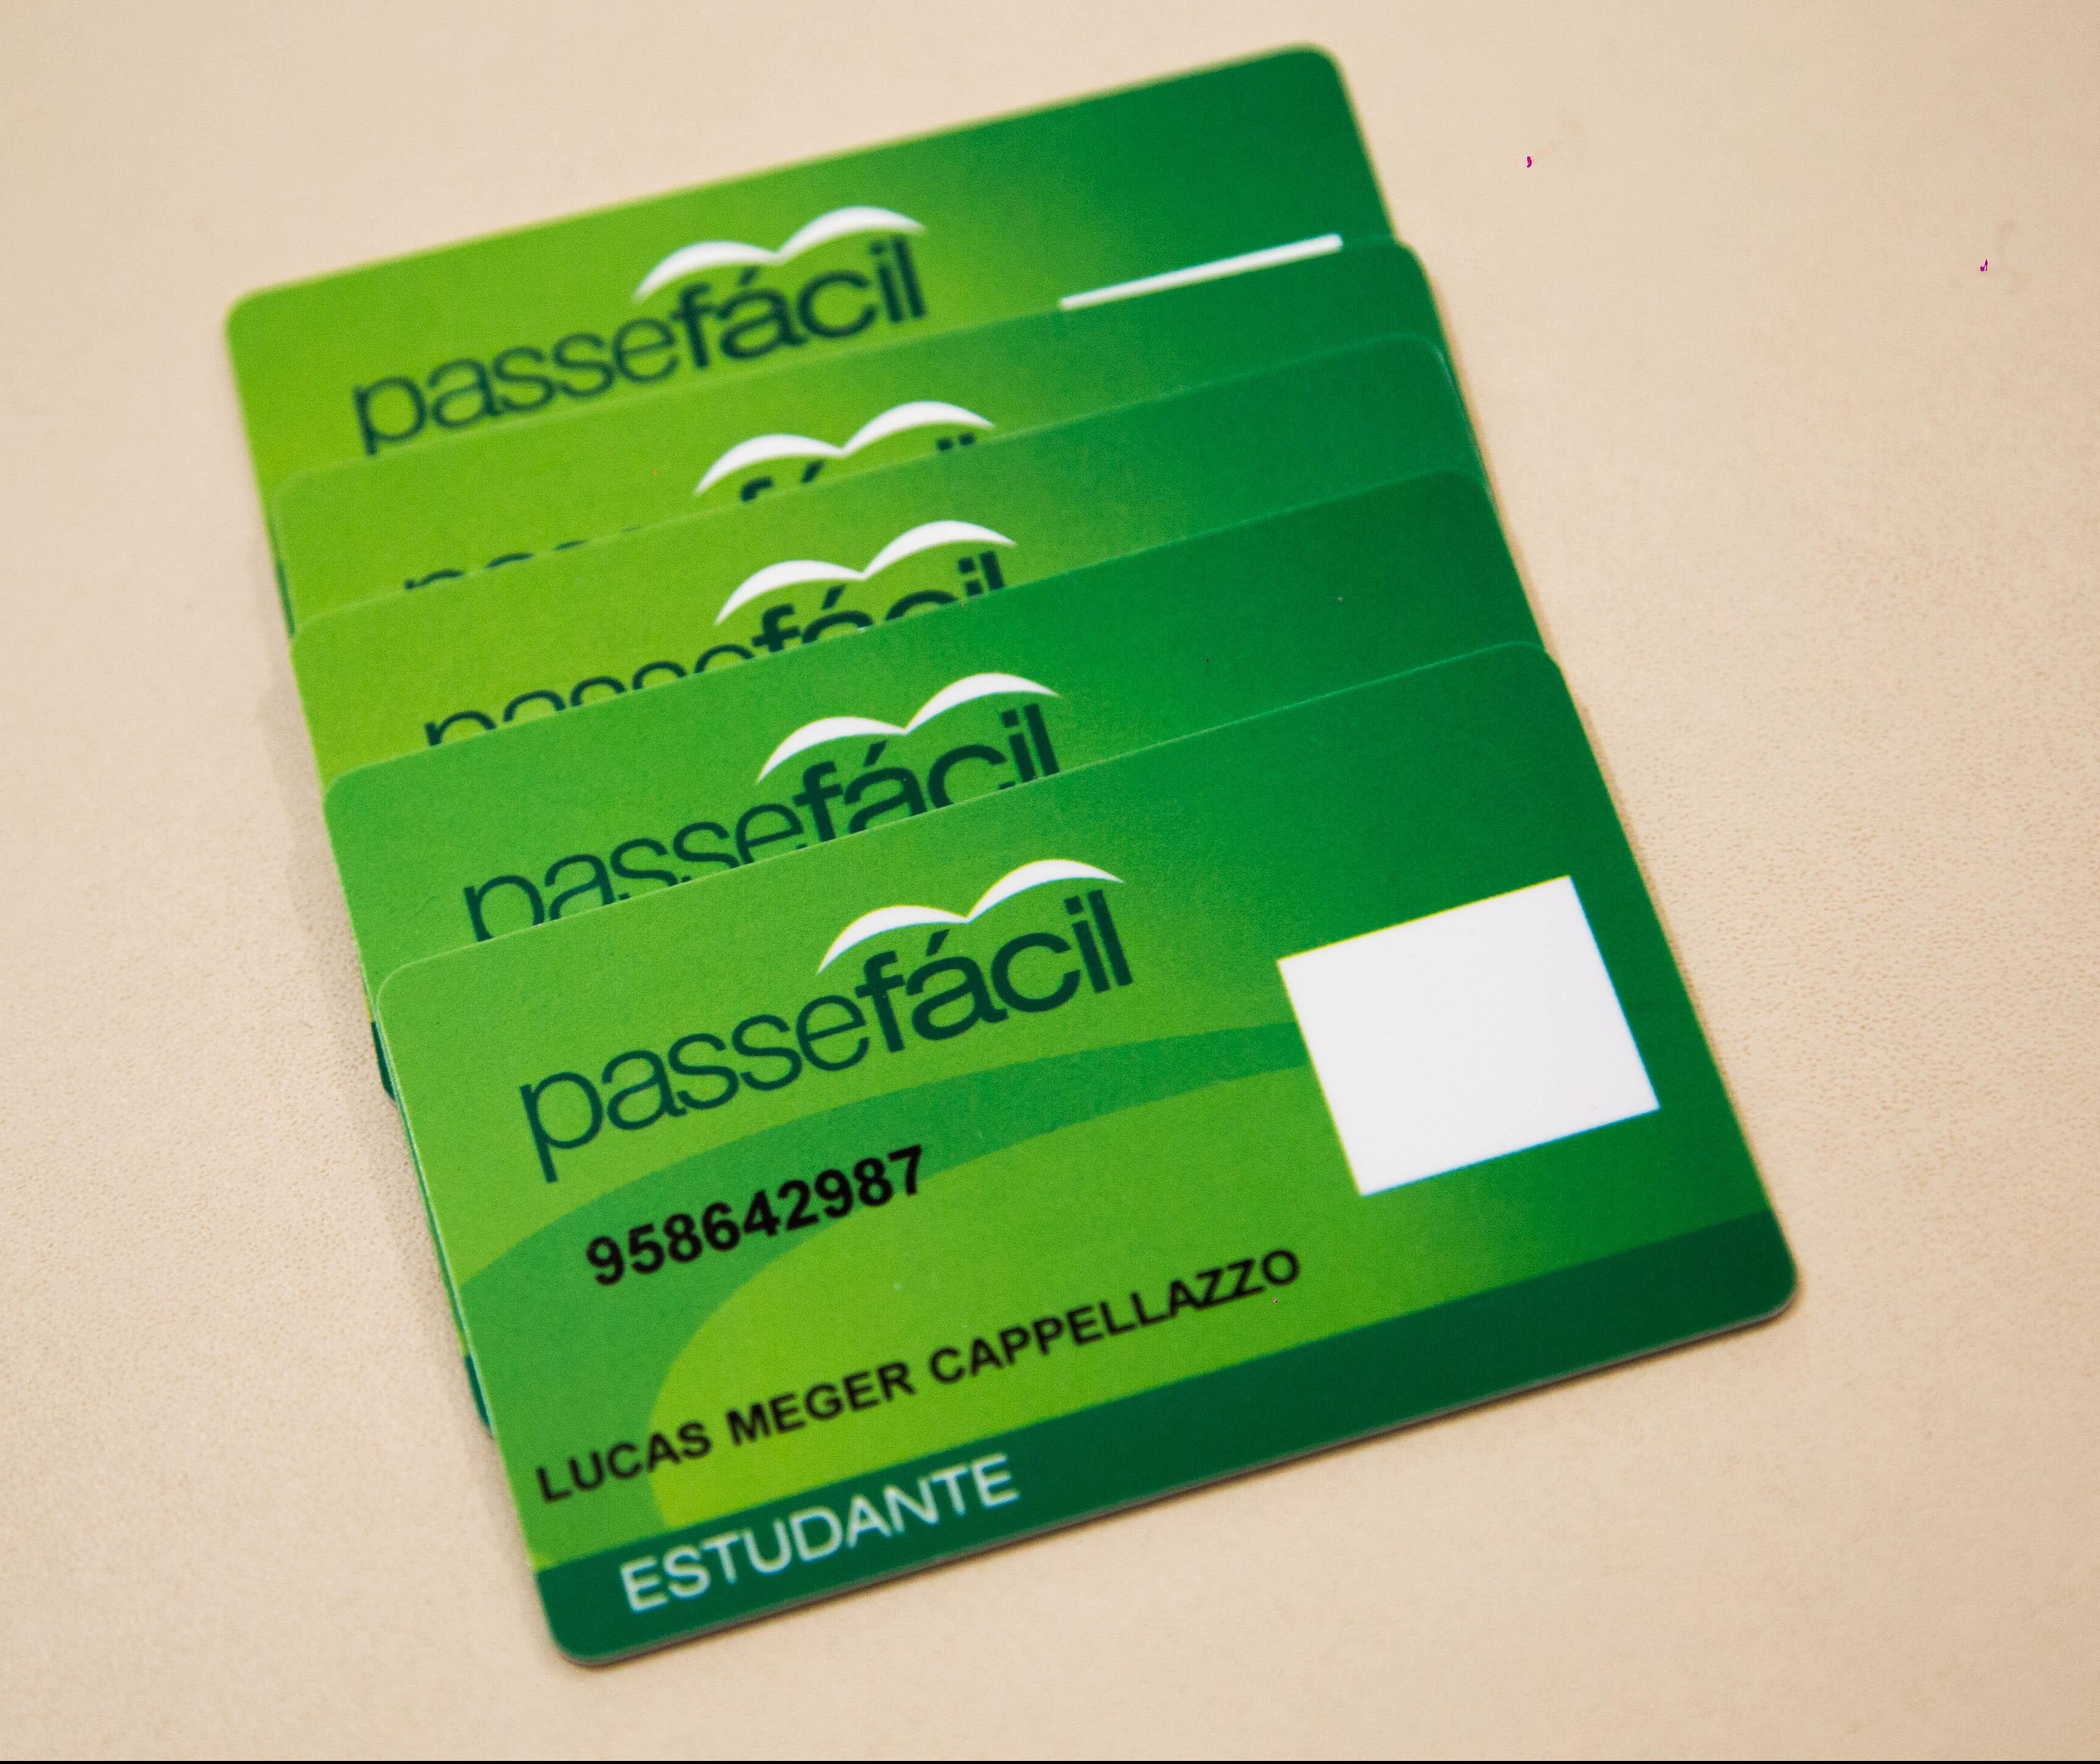 Estudantes têm mais um mês para solicitar passe livre em Maringá